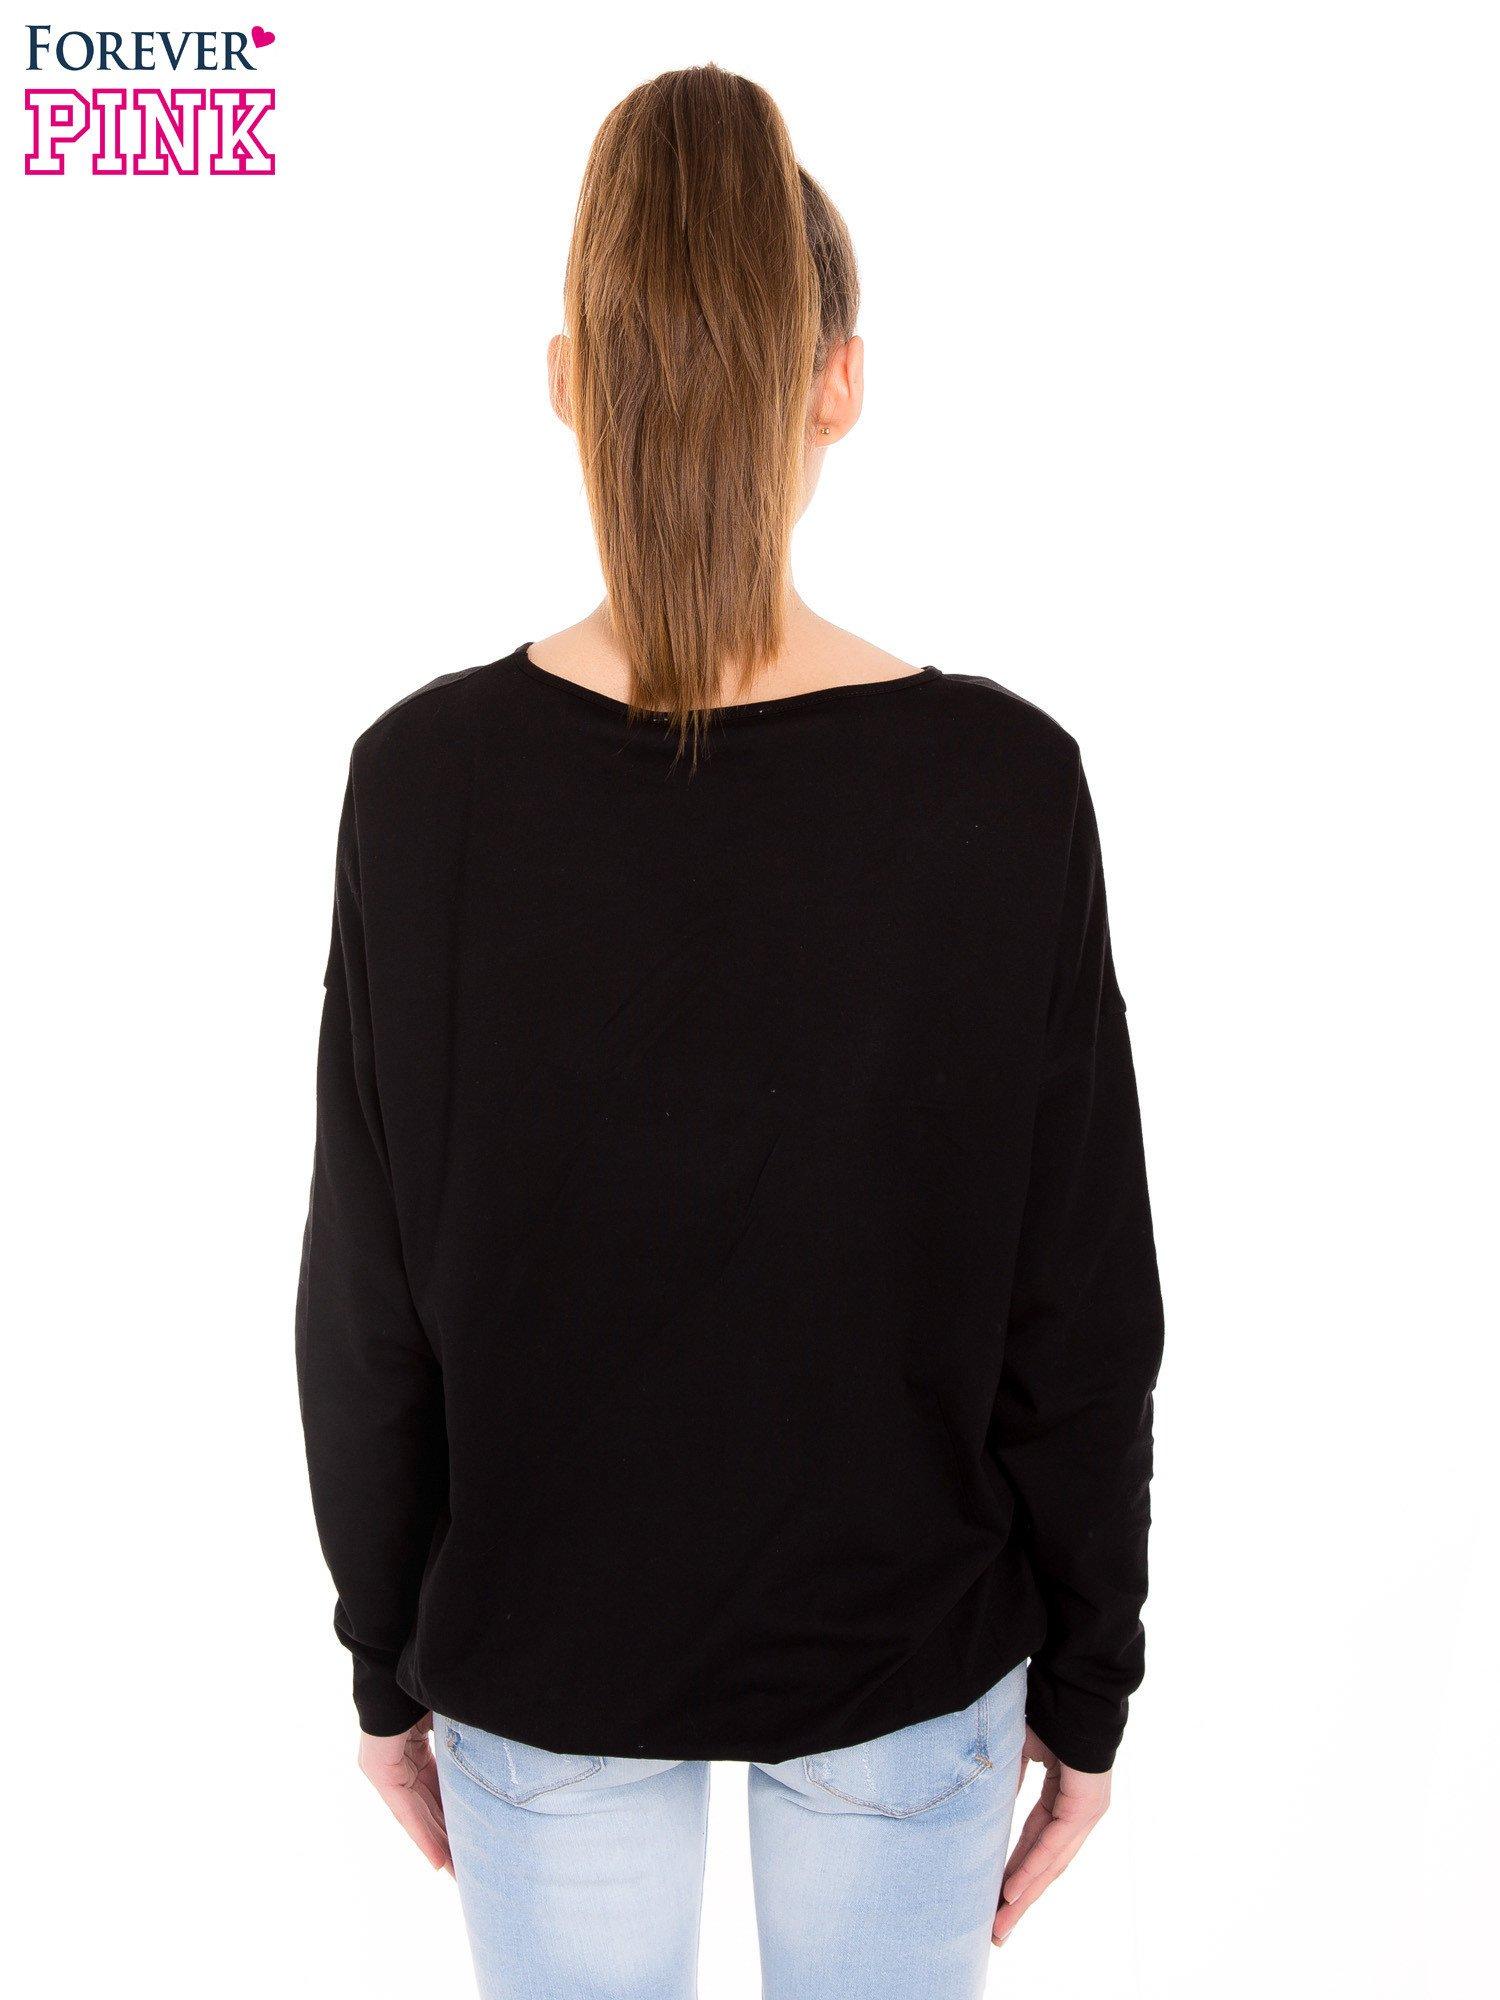 Czarna bluzka z gumką u dołu                                  zdj.                                  3